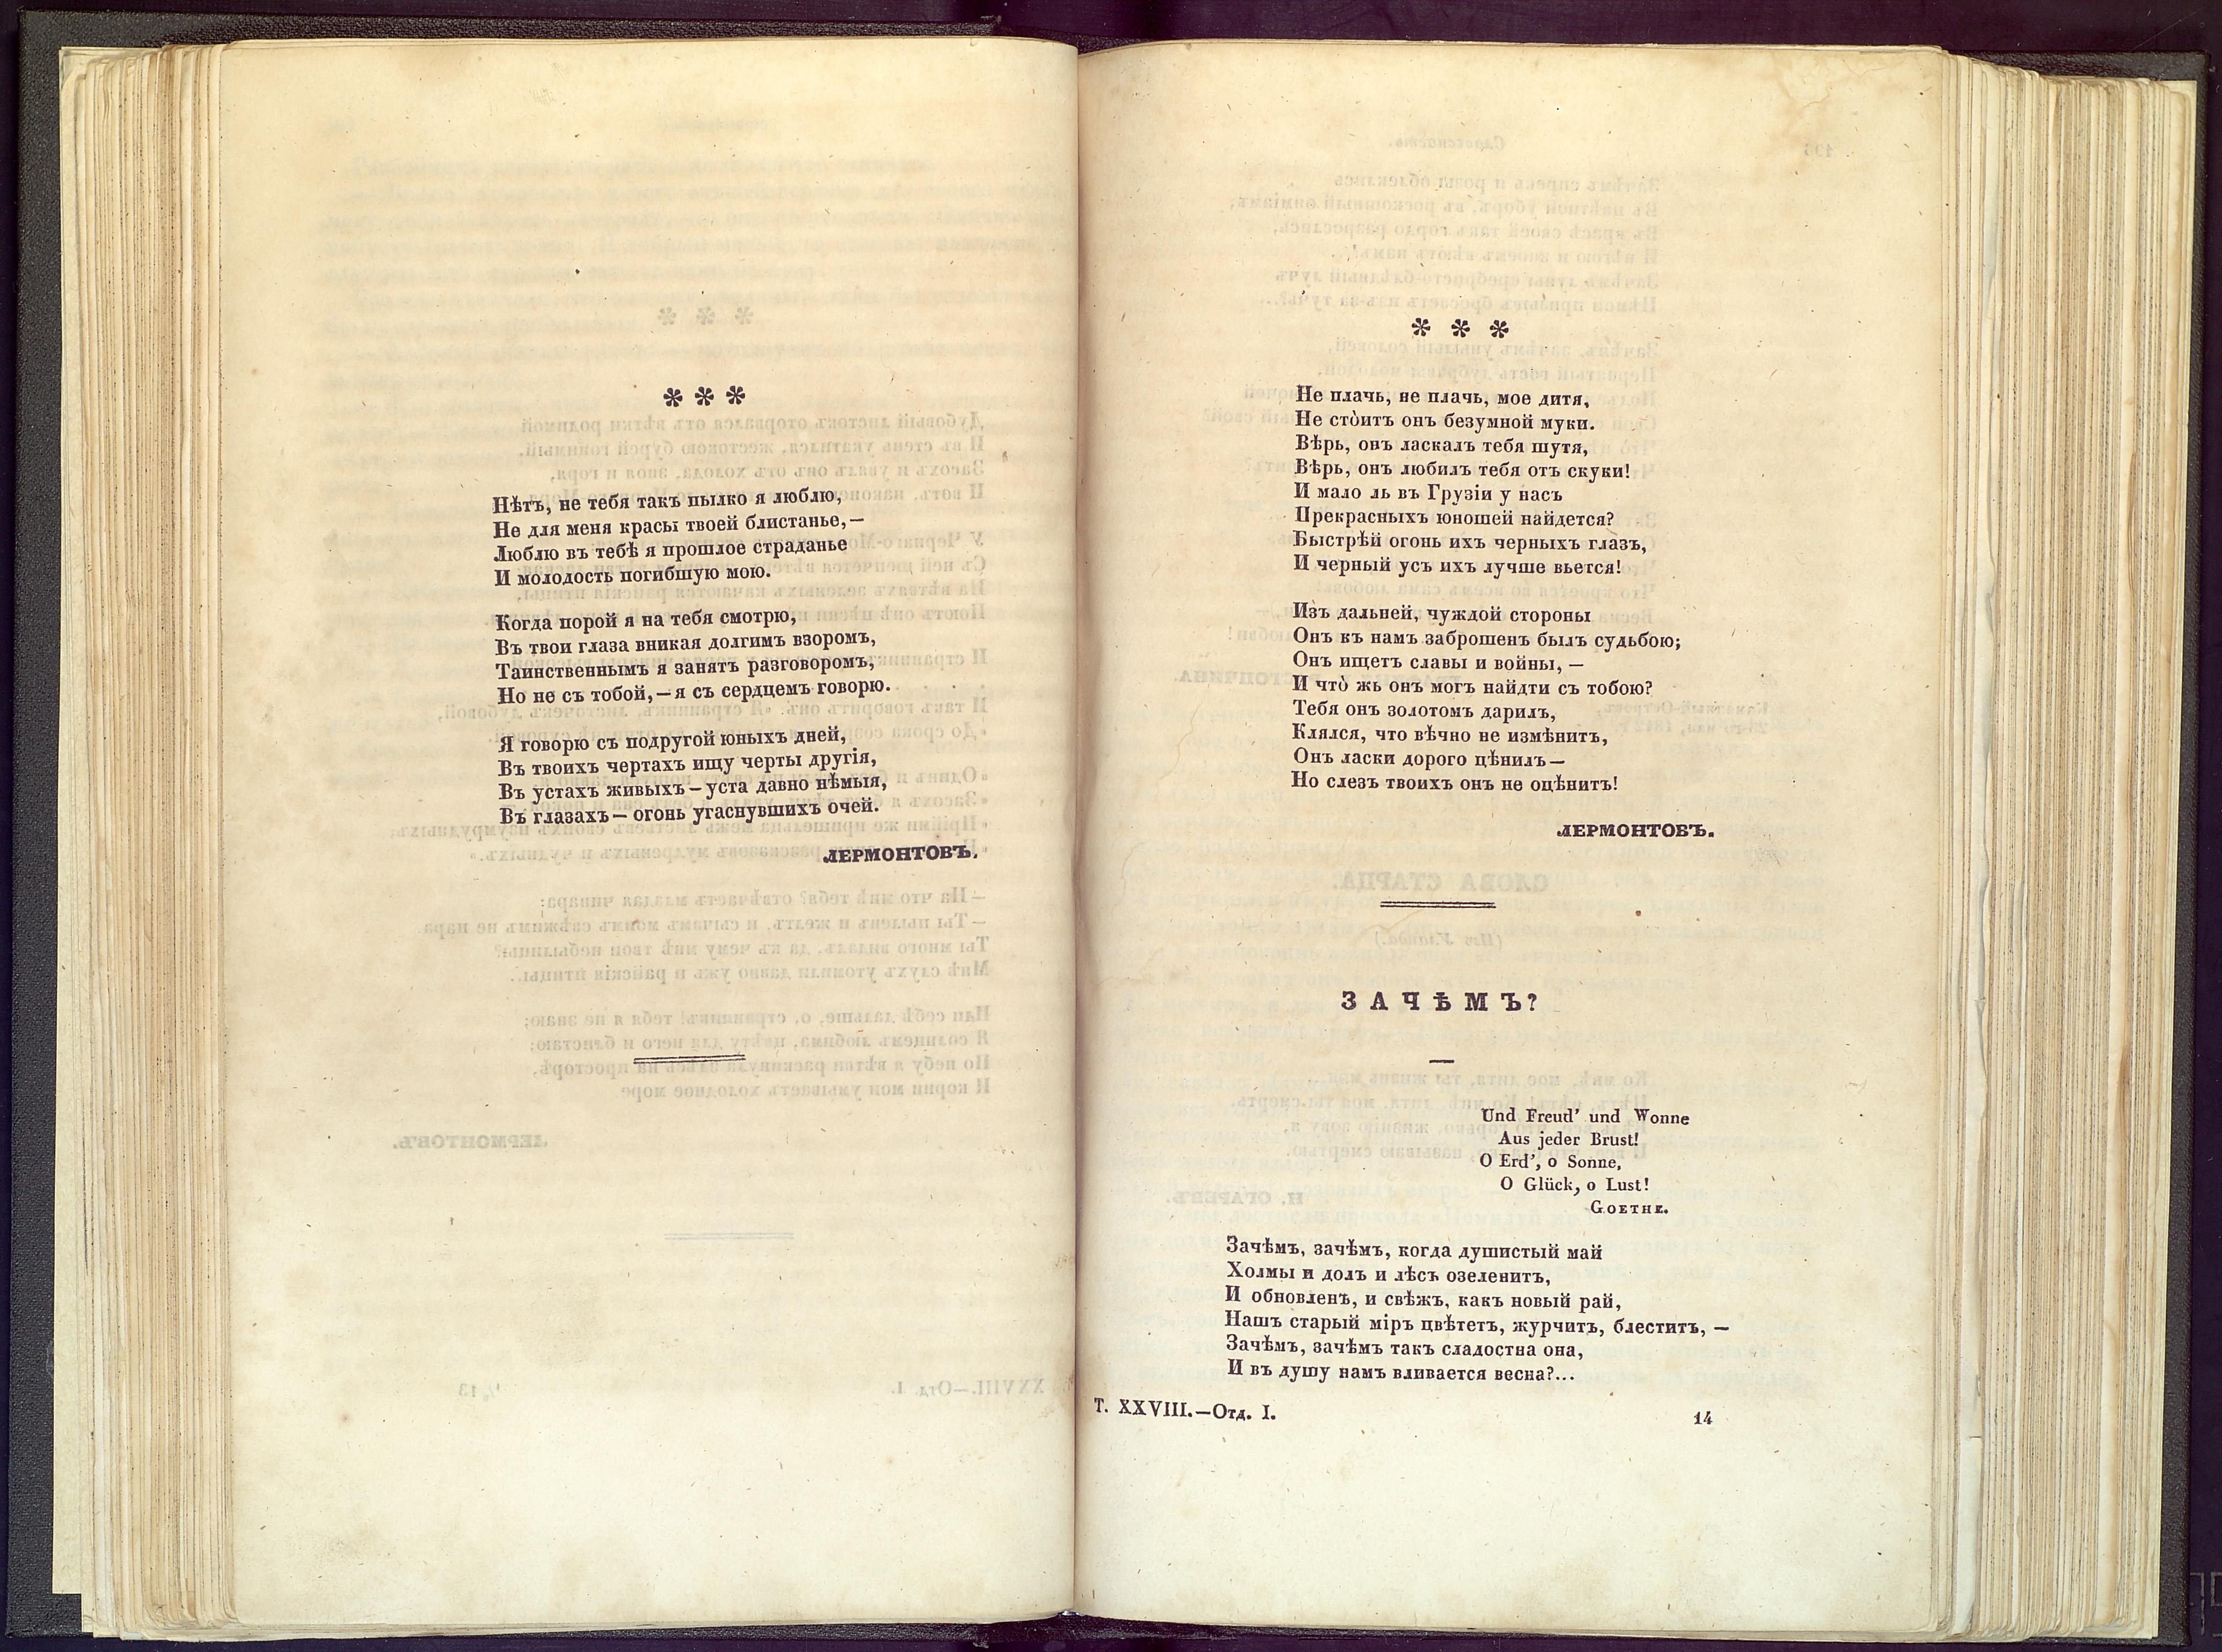 ЛОК-7554 ТАРХАНЫ КП-14180  Журнал Отечественные записки. Т. XXVIII._5